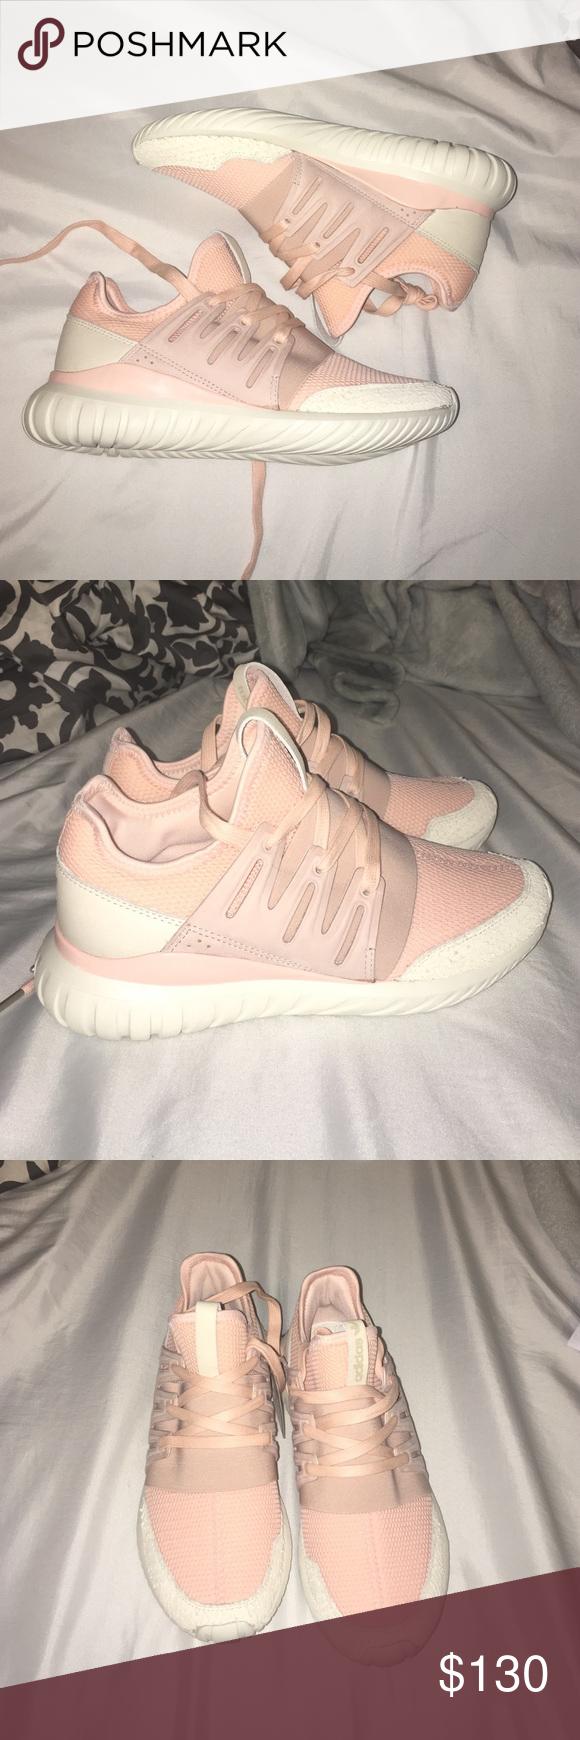 adidas arrossire rosa tubulare dimensione personalizzata bianco le dita dei piedi, rosa adidas